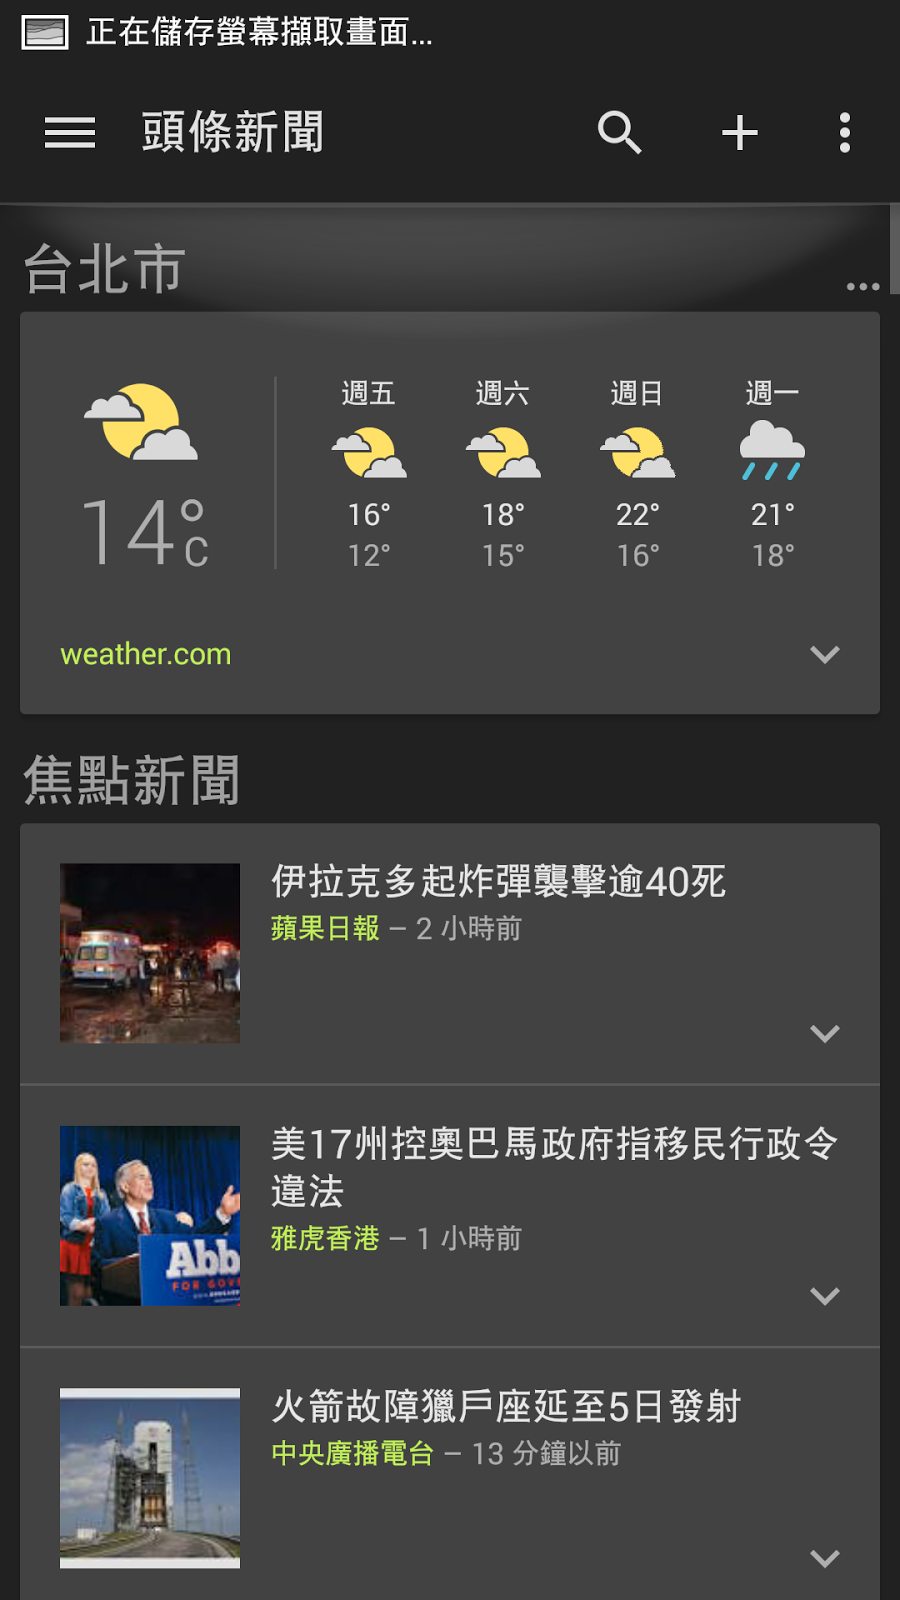 改變行動工作!電腦玩物 2014 最佳 Android App 推薦 Google%2BNews%2Bweather-02